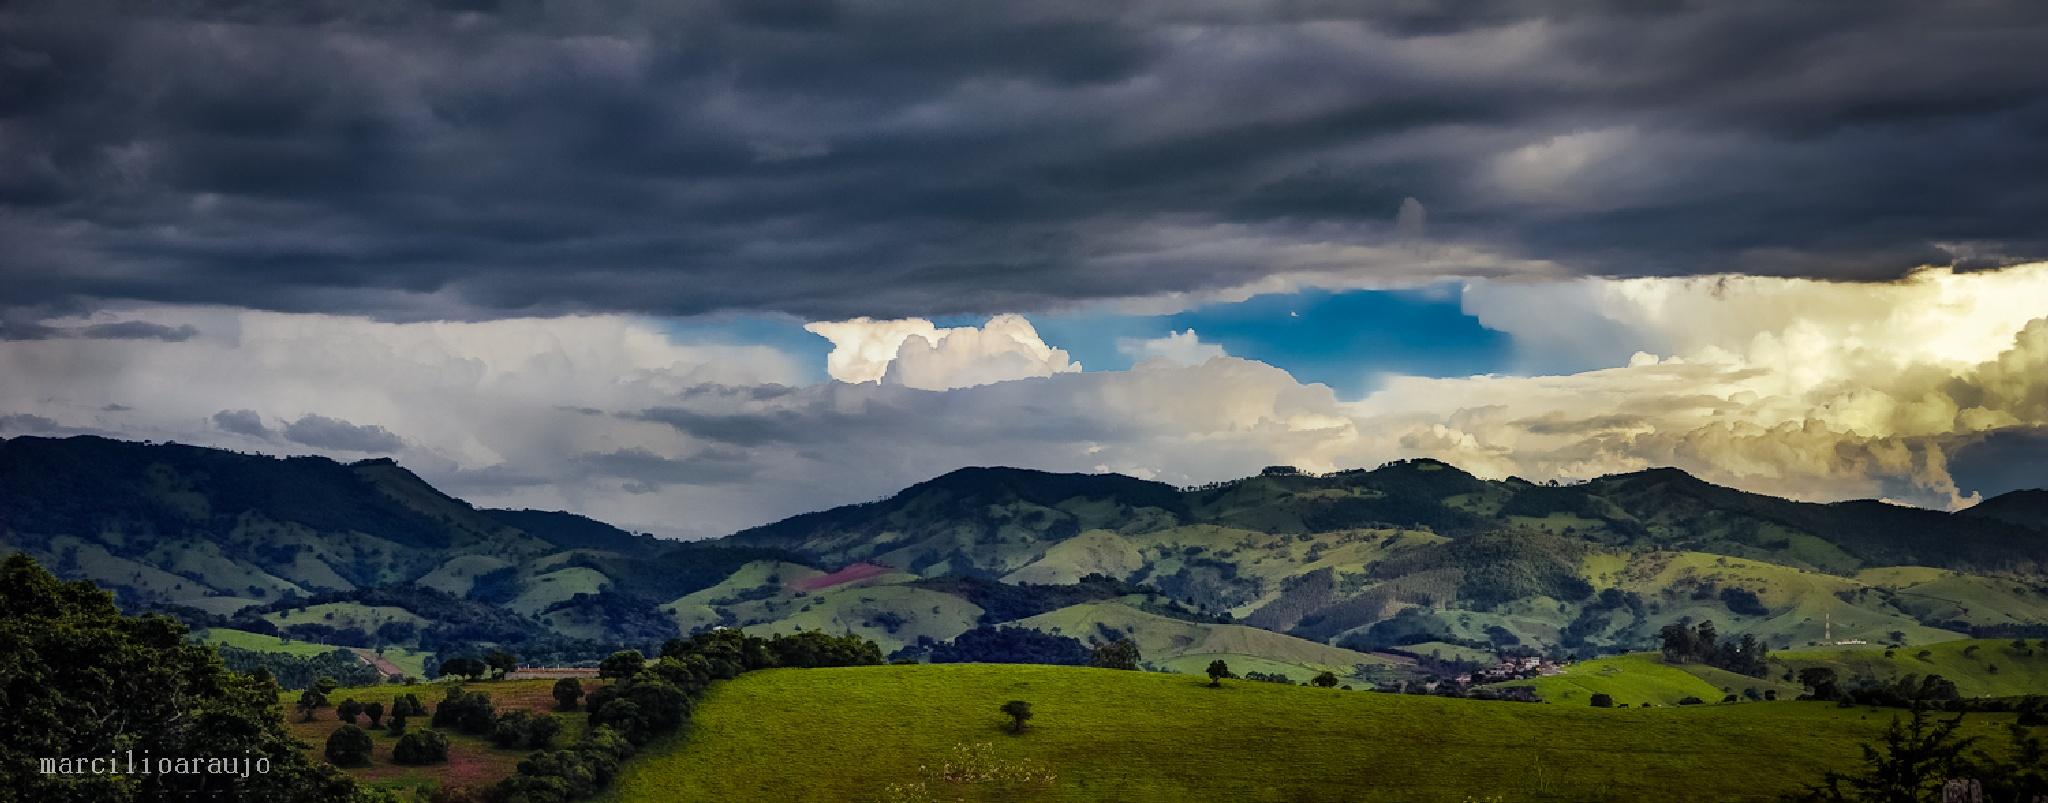 Montanhas da Mantiqueira by Marcilio_Araujo